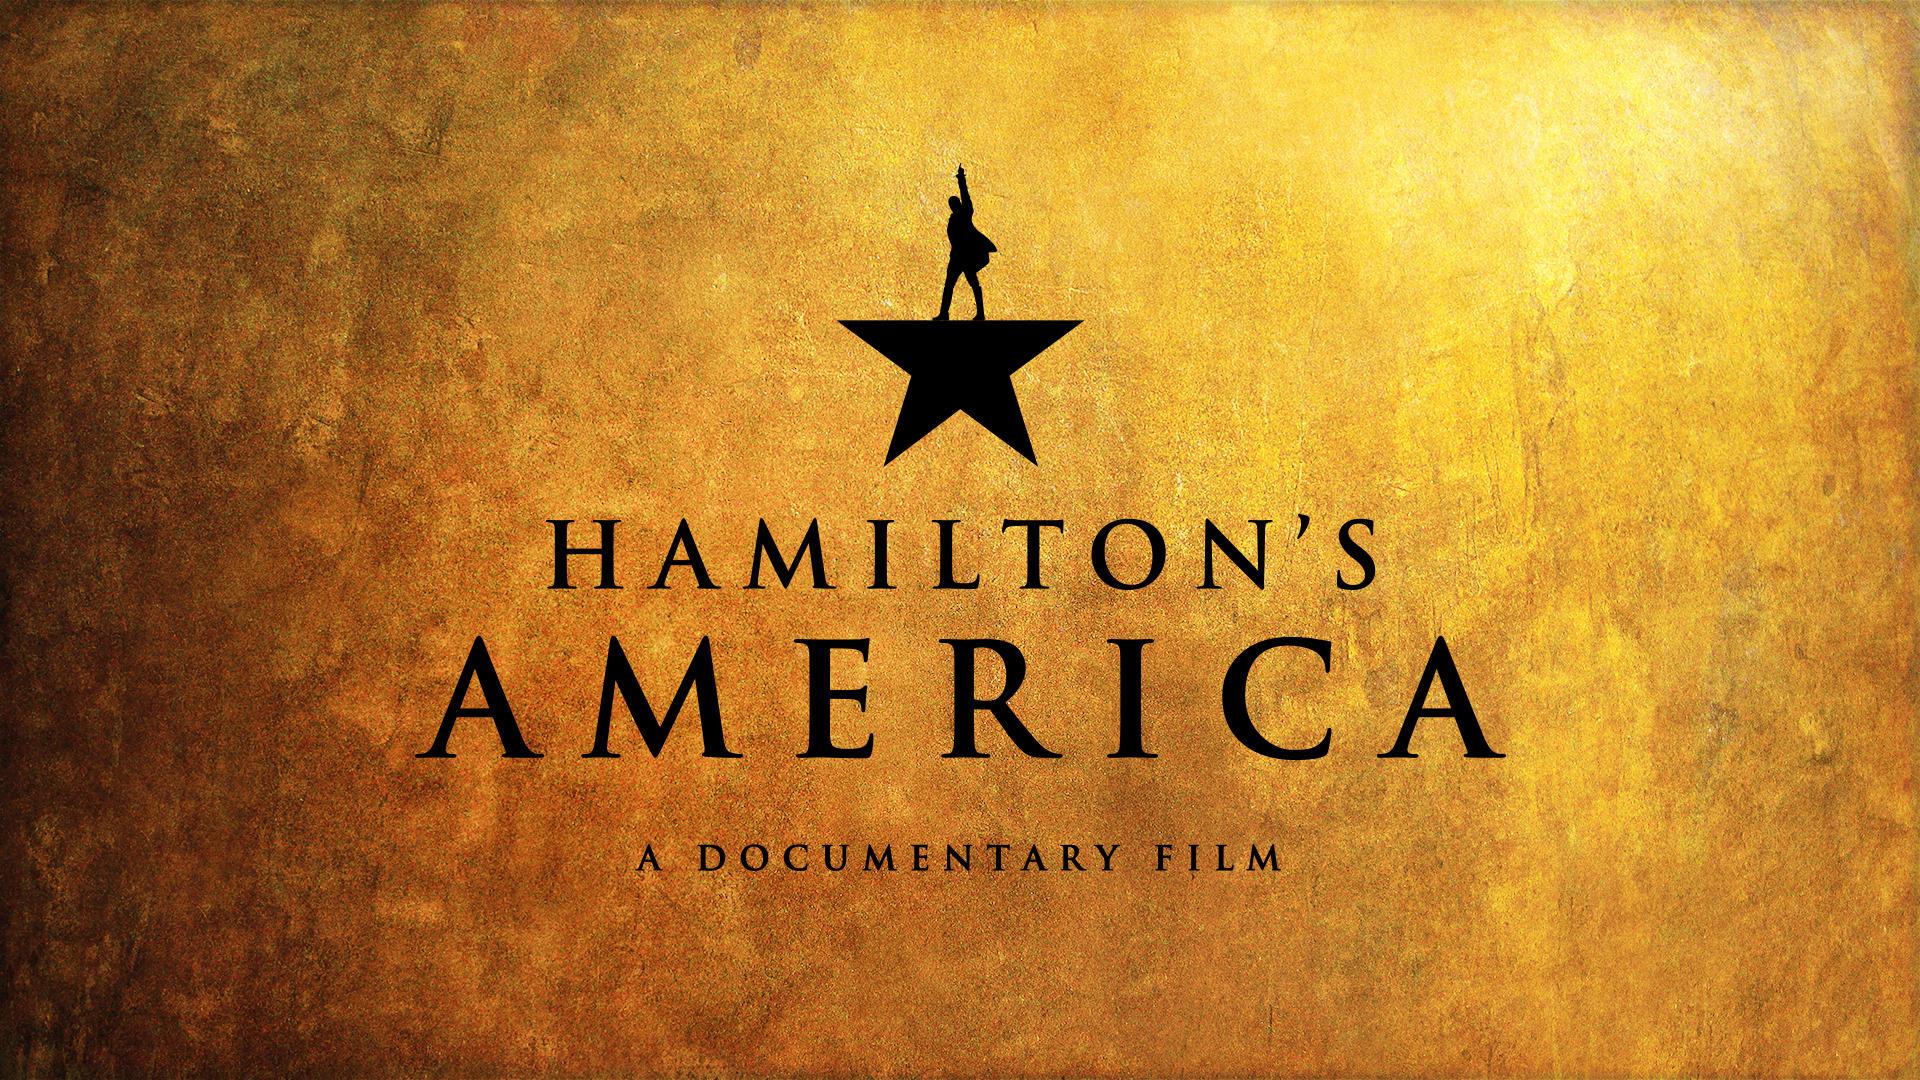 Hamilton s America An Evening with WKAR